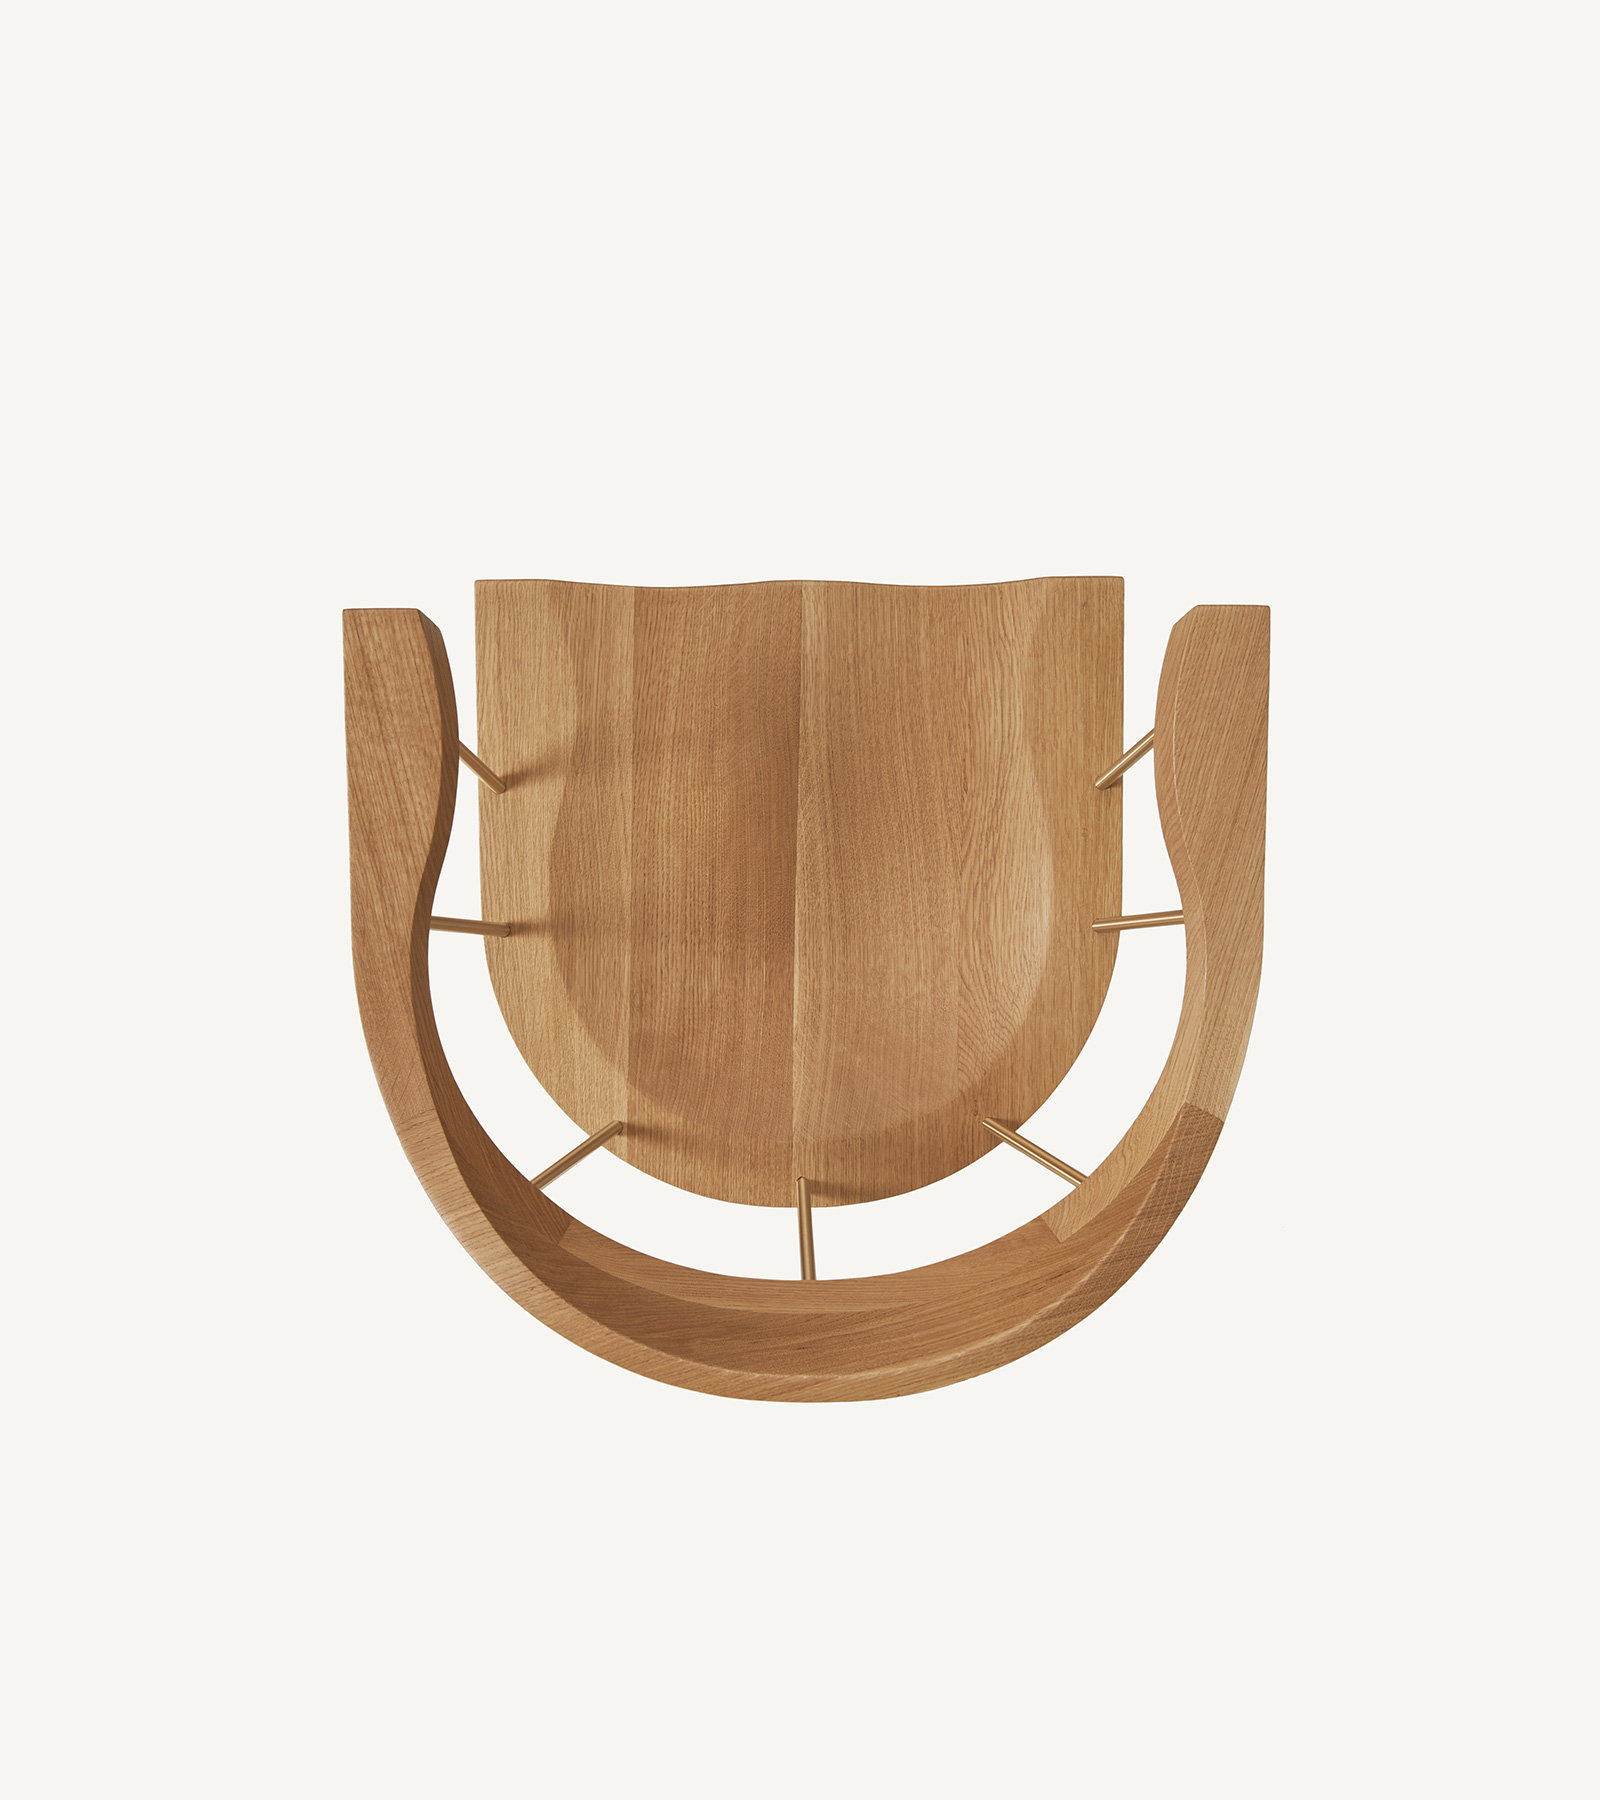 TinnappleMetz-bassamfellows-Spindle-Side-Chair-08